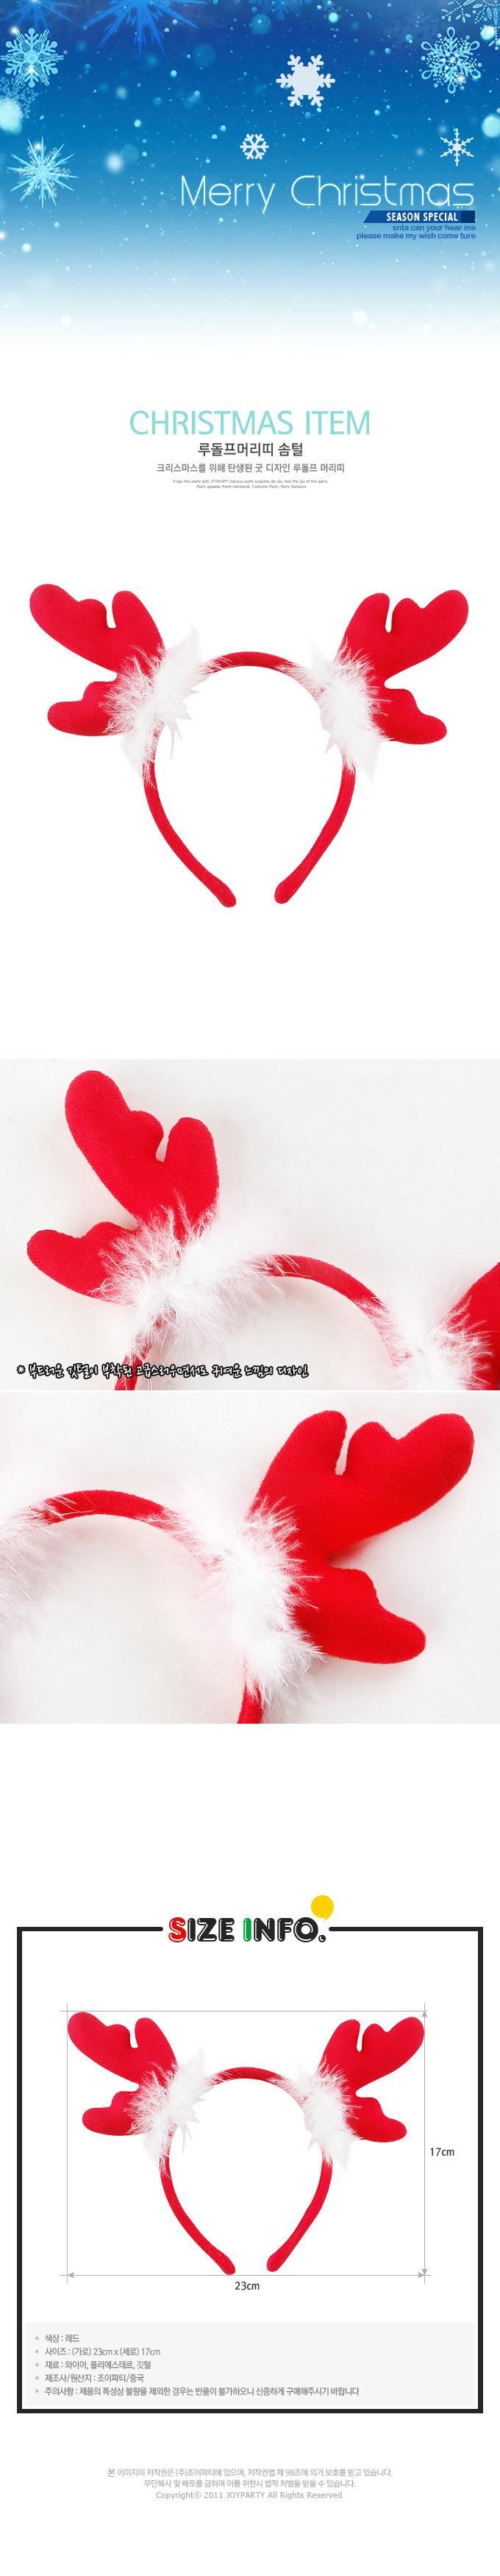 루돌프머리띠 솜털 _partypang - 파티팡, 3,000원, 파티의상/잡화, 머리띠/머리장식/가발